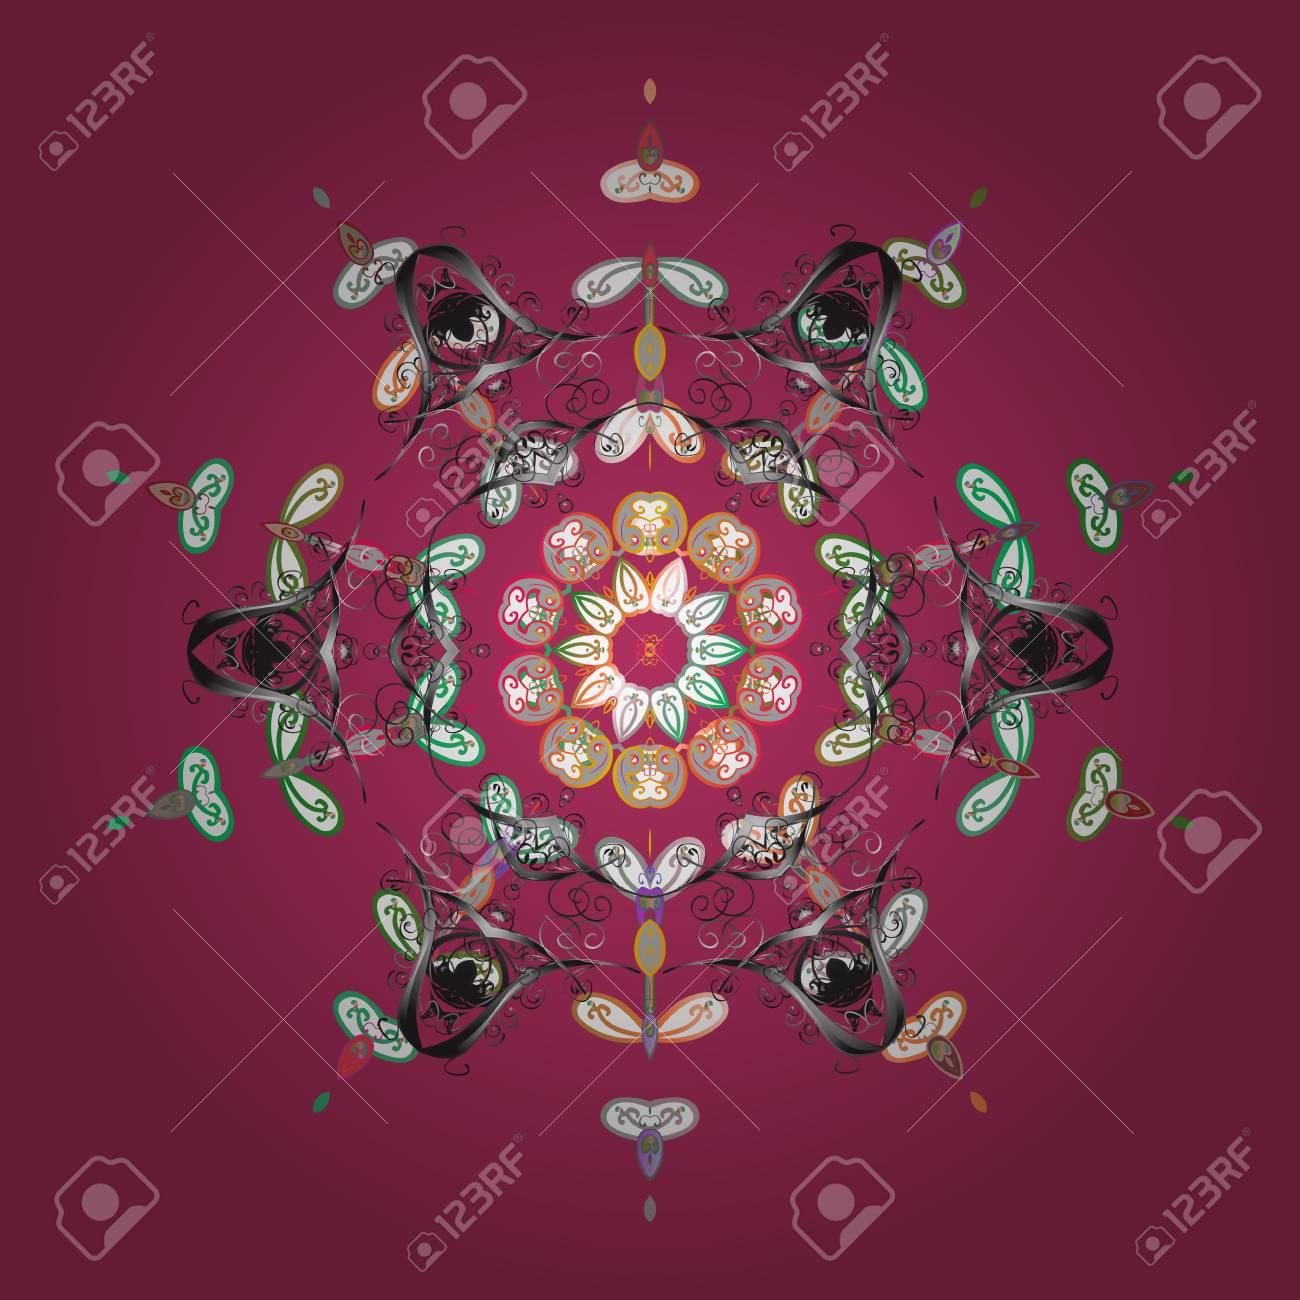 抽象的な壁紙 装飾をラップします ピンク グレーと白の色にピンク グレーと白の雪 冬 メリー クリスマス 新年あけましておめでとうございますお祝いベクター デザインのシンボルです シンプルな雪の結晶のイラスト素材 ベクタ Image